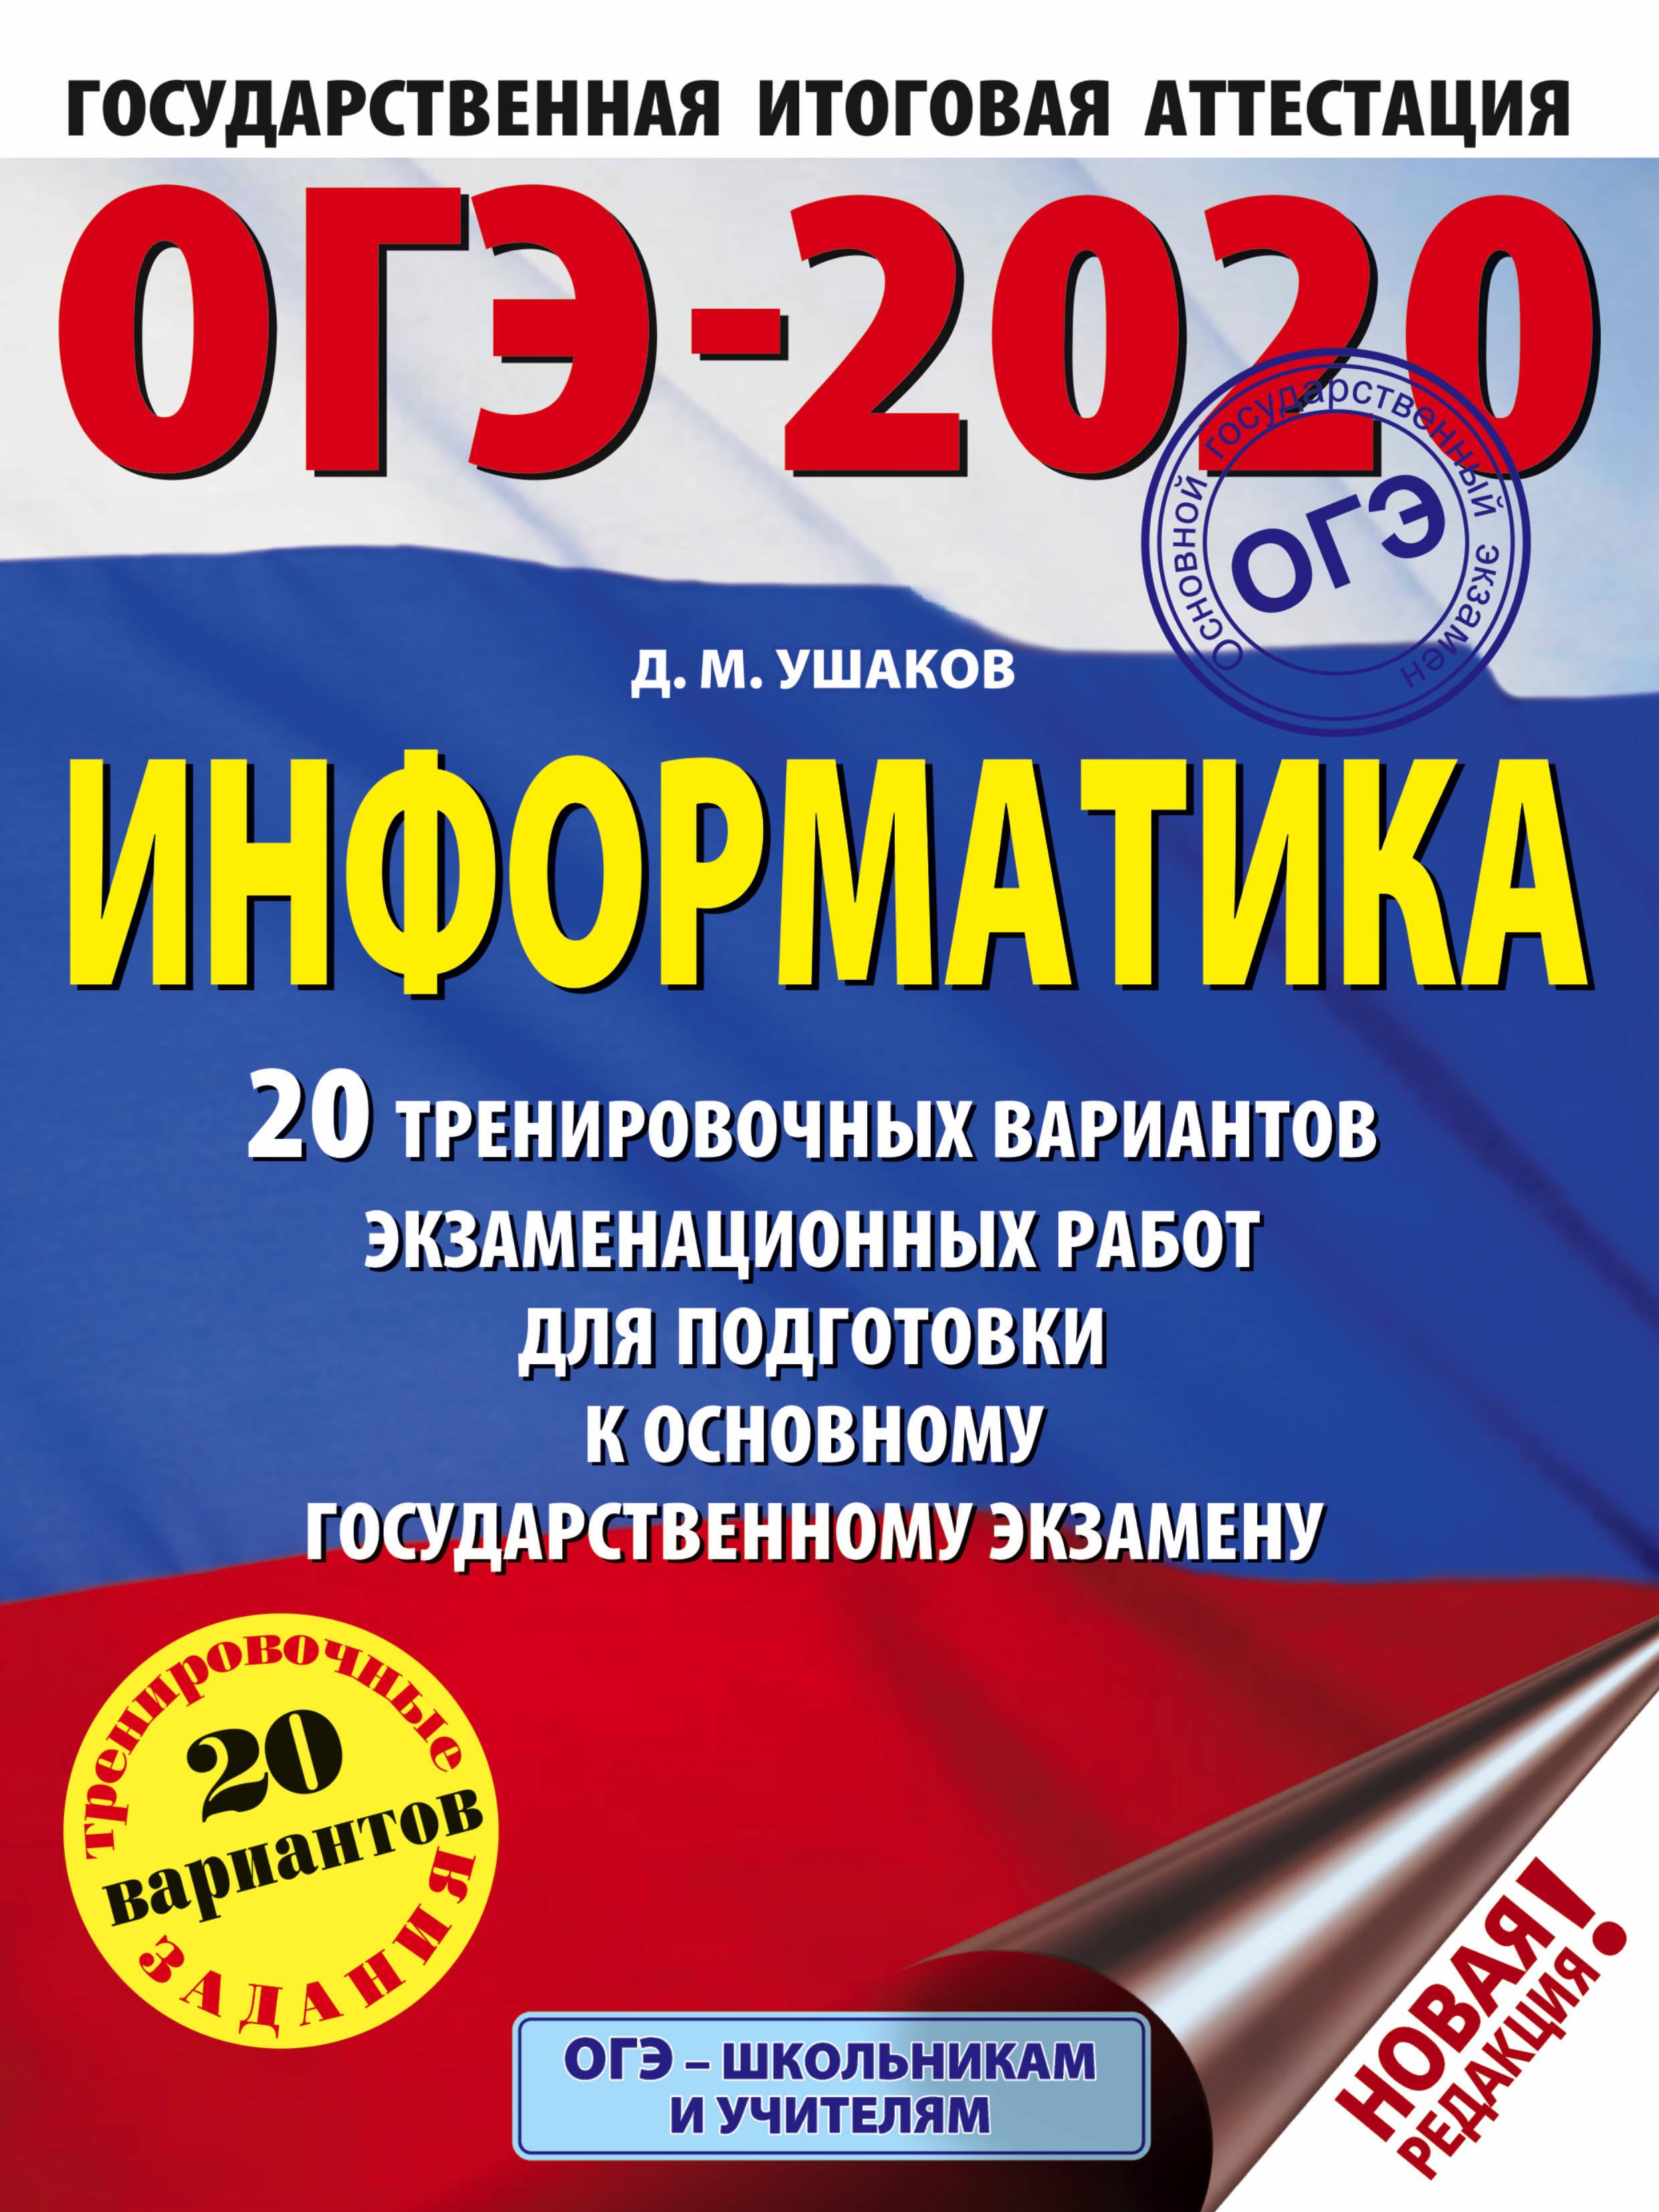 OGE-2020. Informatika (60kh84/8) 20 trenirovochnykh variantov ekzamenatsionnykh rabot dlja podgotovki k osnovnomu gosudarstvennomu ekzamenu